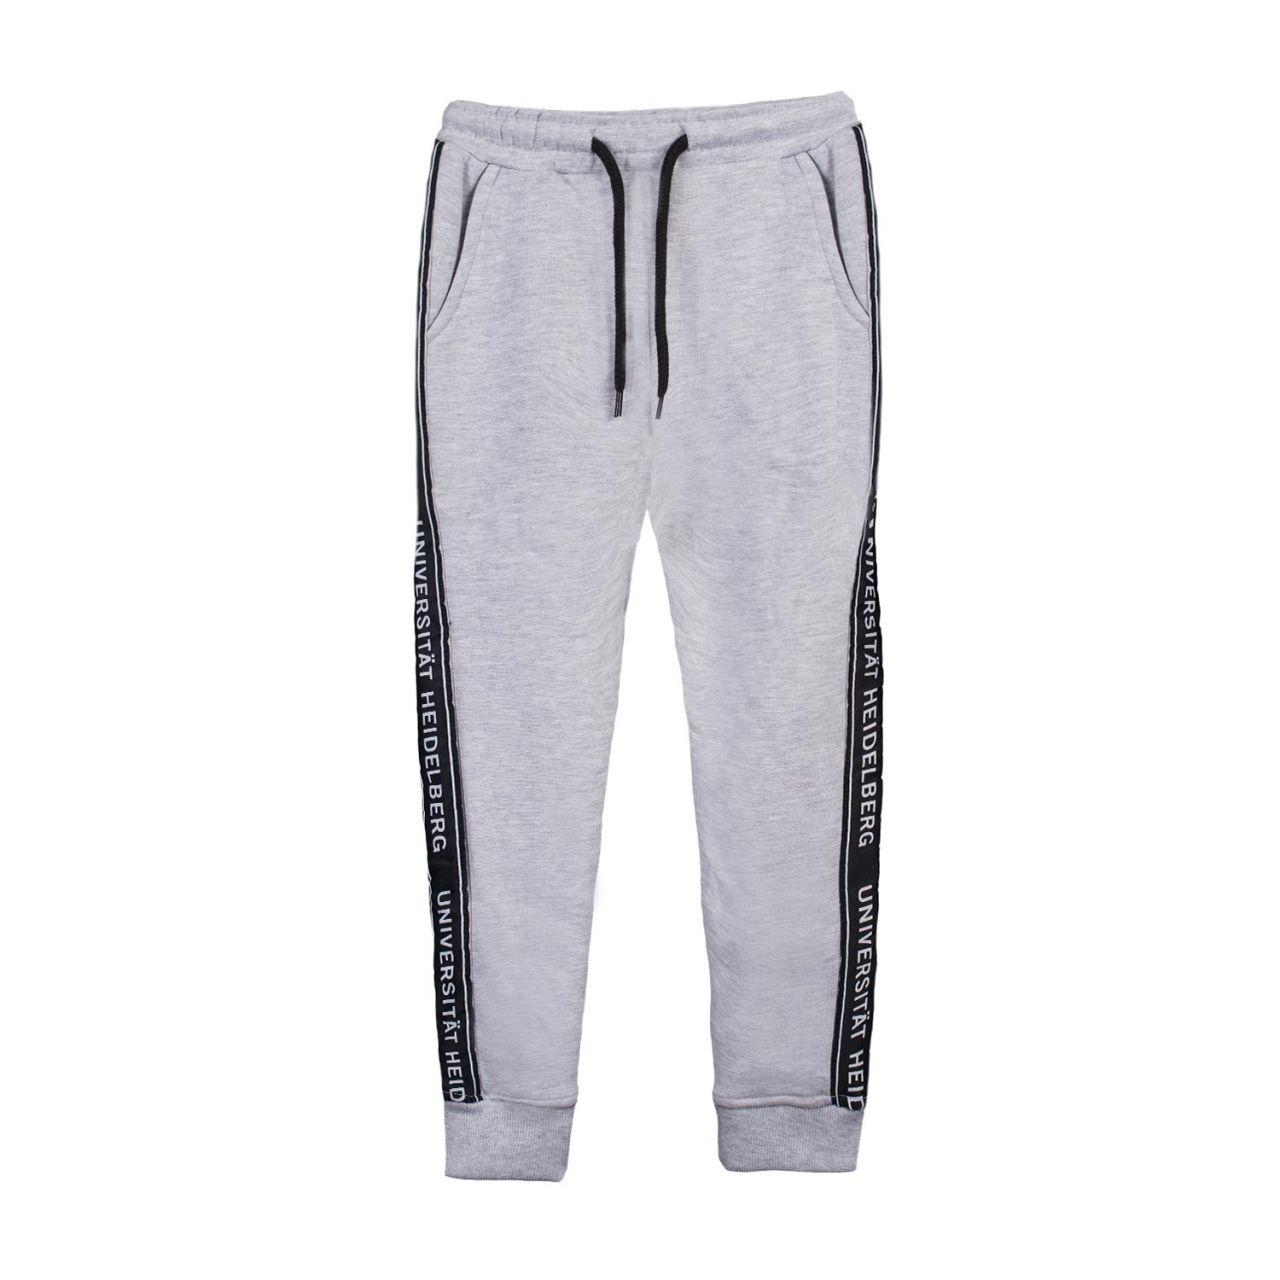 Herren Sweatpants, heather grey, tape